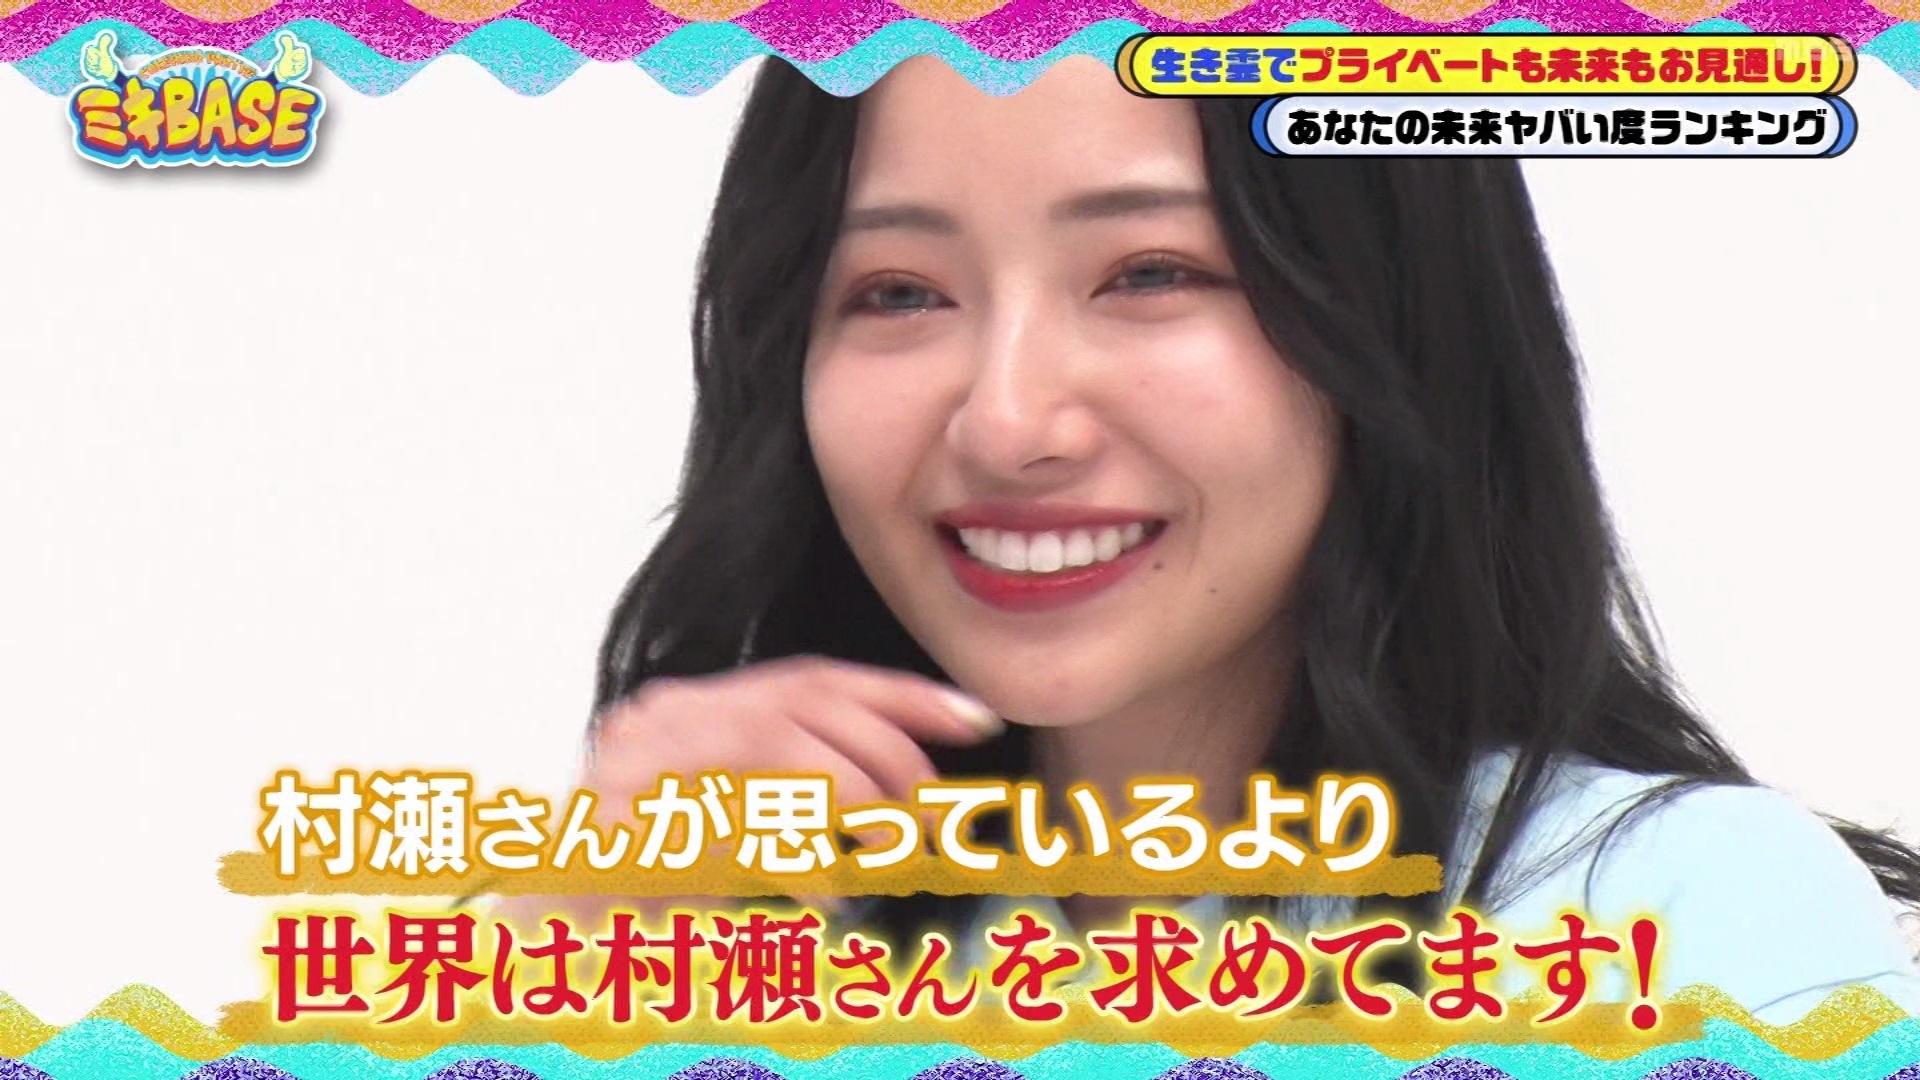 【村瀬紗英】さえぴぃ出演9月9日に放送された『ミキBASE』の画像。